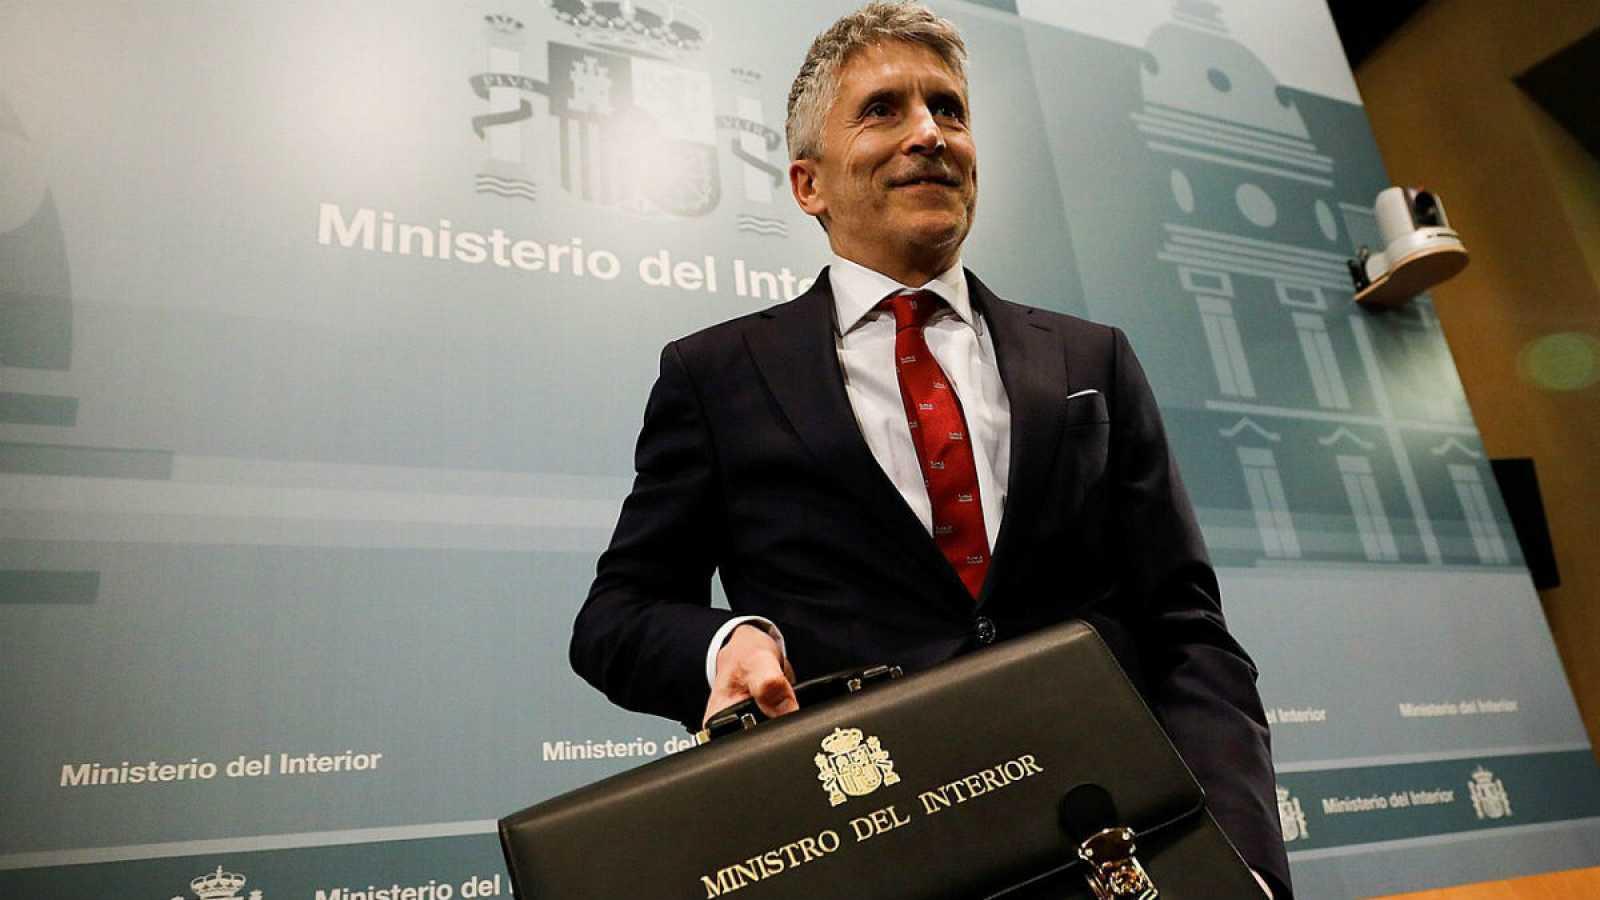 El ministro del Interior, Fernando Grande Marlaska, durante el acto de toma de posesión de su cargo este lunes 13 de enero de 2020, en la sede del Ministerio del Interior en Madrid.